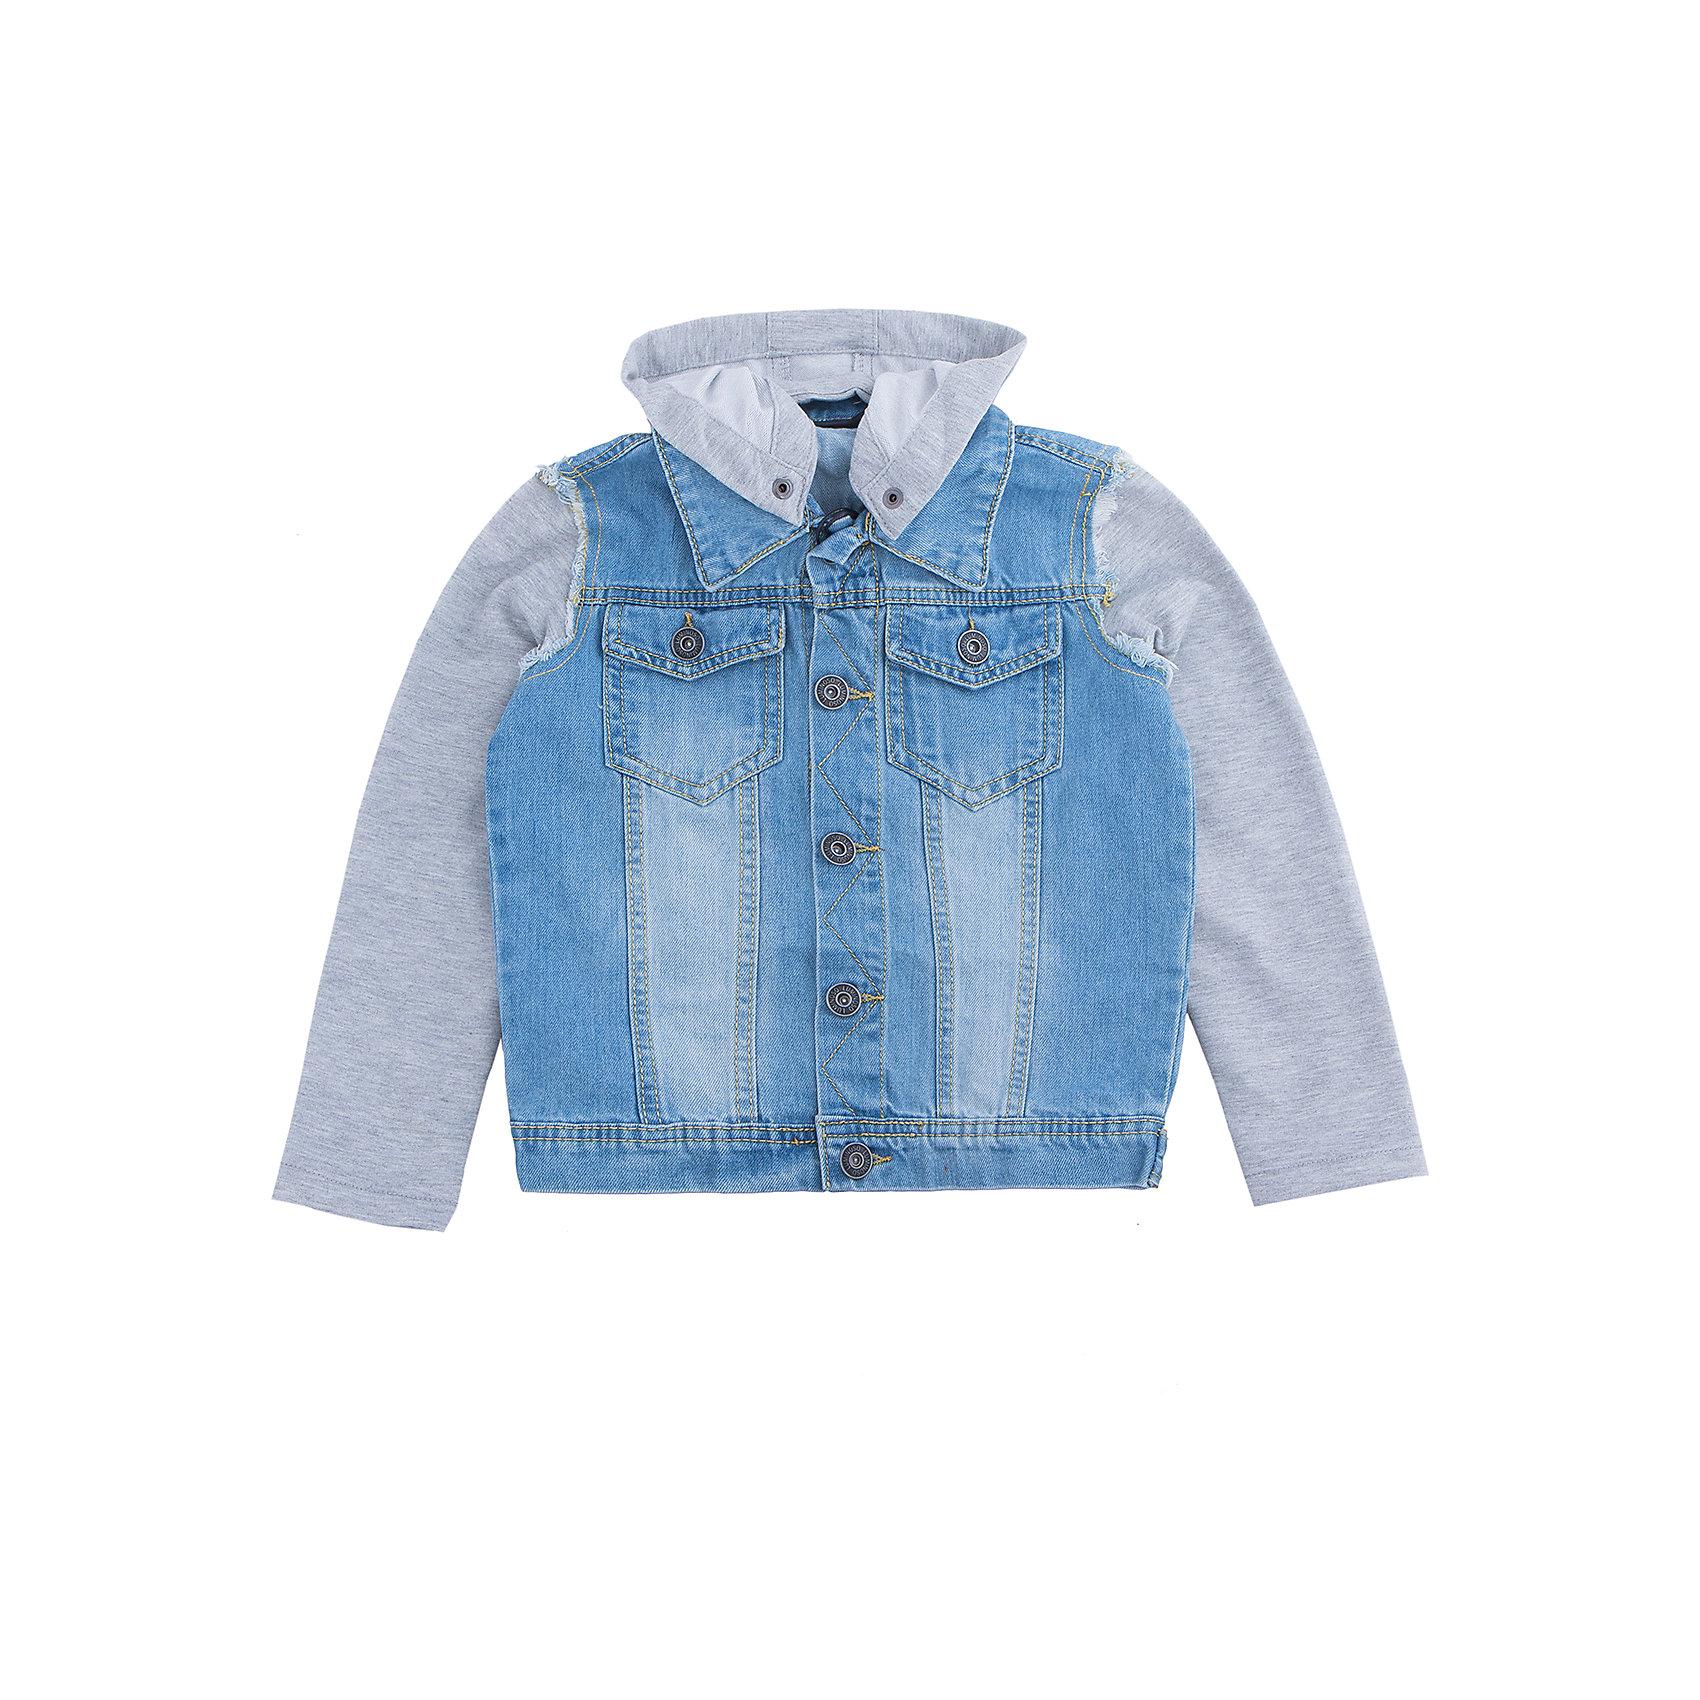 Куртка джинсовая для мальчика LuminosoДжинсовая одежда<br>Джинсовая куртка  для мальчика с оригинальной варкой. Рукава и капюшон  выполнены из трикотажной ткани. Съемный капюшон. Куртка застегивается на пуговицы, спереди два накладных кармана. Воротник отложной.<br>Состав:<br>100%хлопок<br><br>Ширина мм: 356<br>Глубина мм: 10<br>Высота мм: 245<br>Вес г: 519<br>Цвет: голубой<br>Возраст от месяцев: 96<br>Возраст до месяцев: 108<br>Пол: Мужской<br>Возраст: Детский<br>Размер: 134,140,146,152,158,164<br>SKU: 5409699